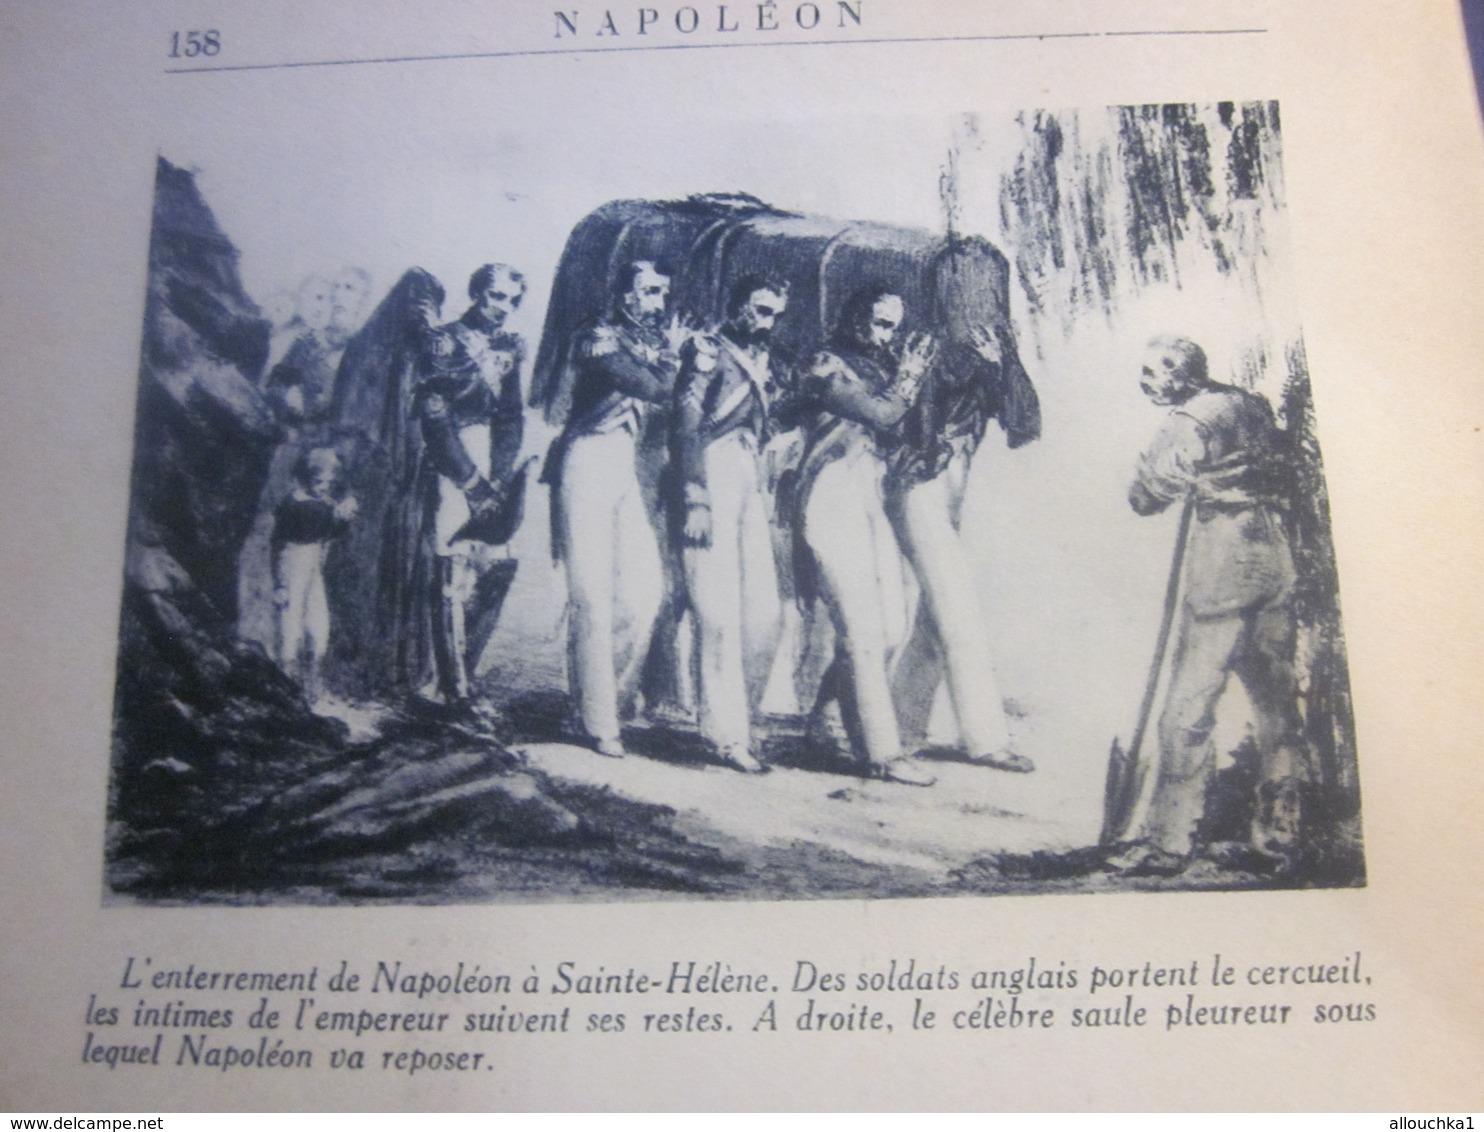 1947 NAPOLEON De PIERRE CLUZEL-ED FERNAND NATHAN OUVRAGE ORNÉ 149 PHOTOGRAPHIES LIRE AVANT PROPOS & TABLE MATIÈRES 160 P - Boeken